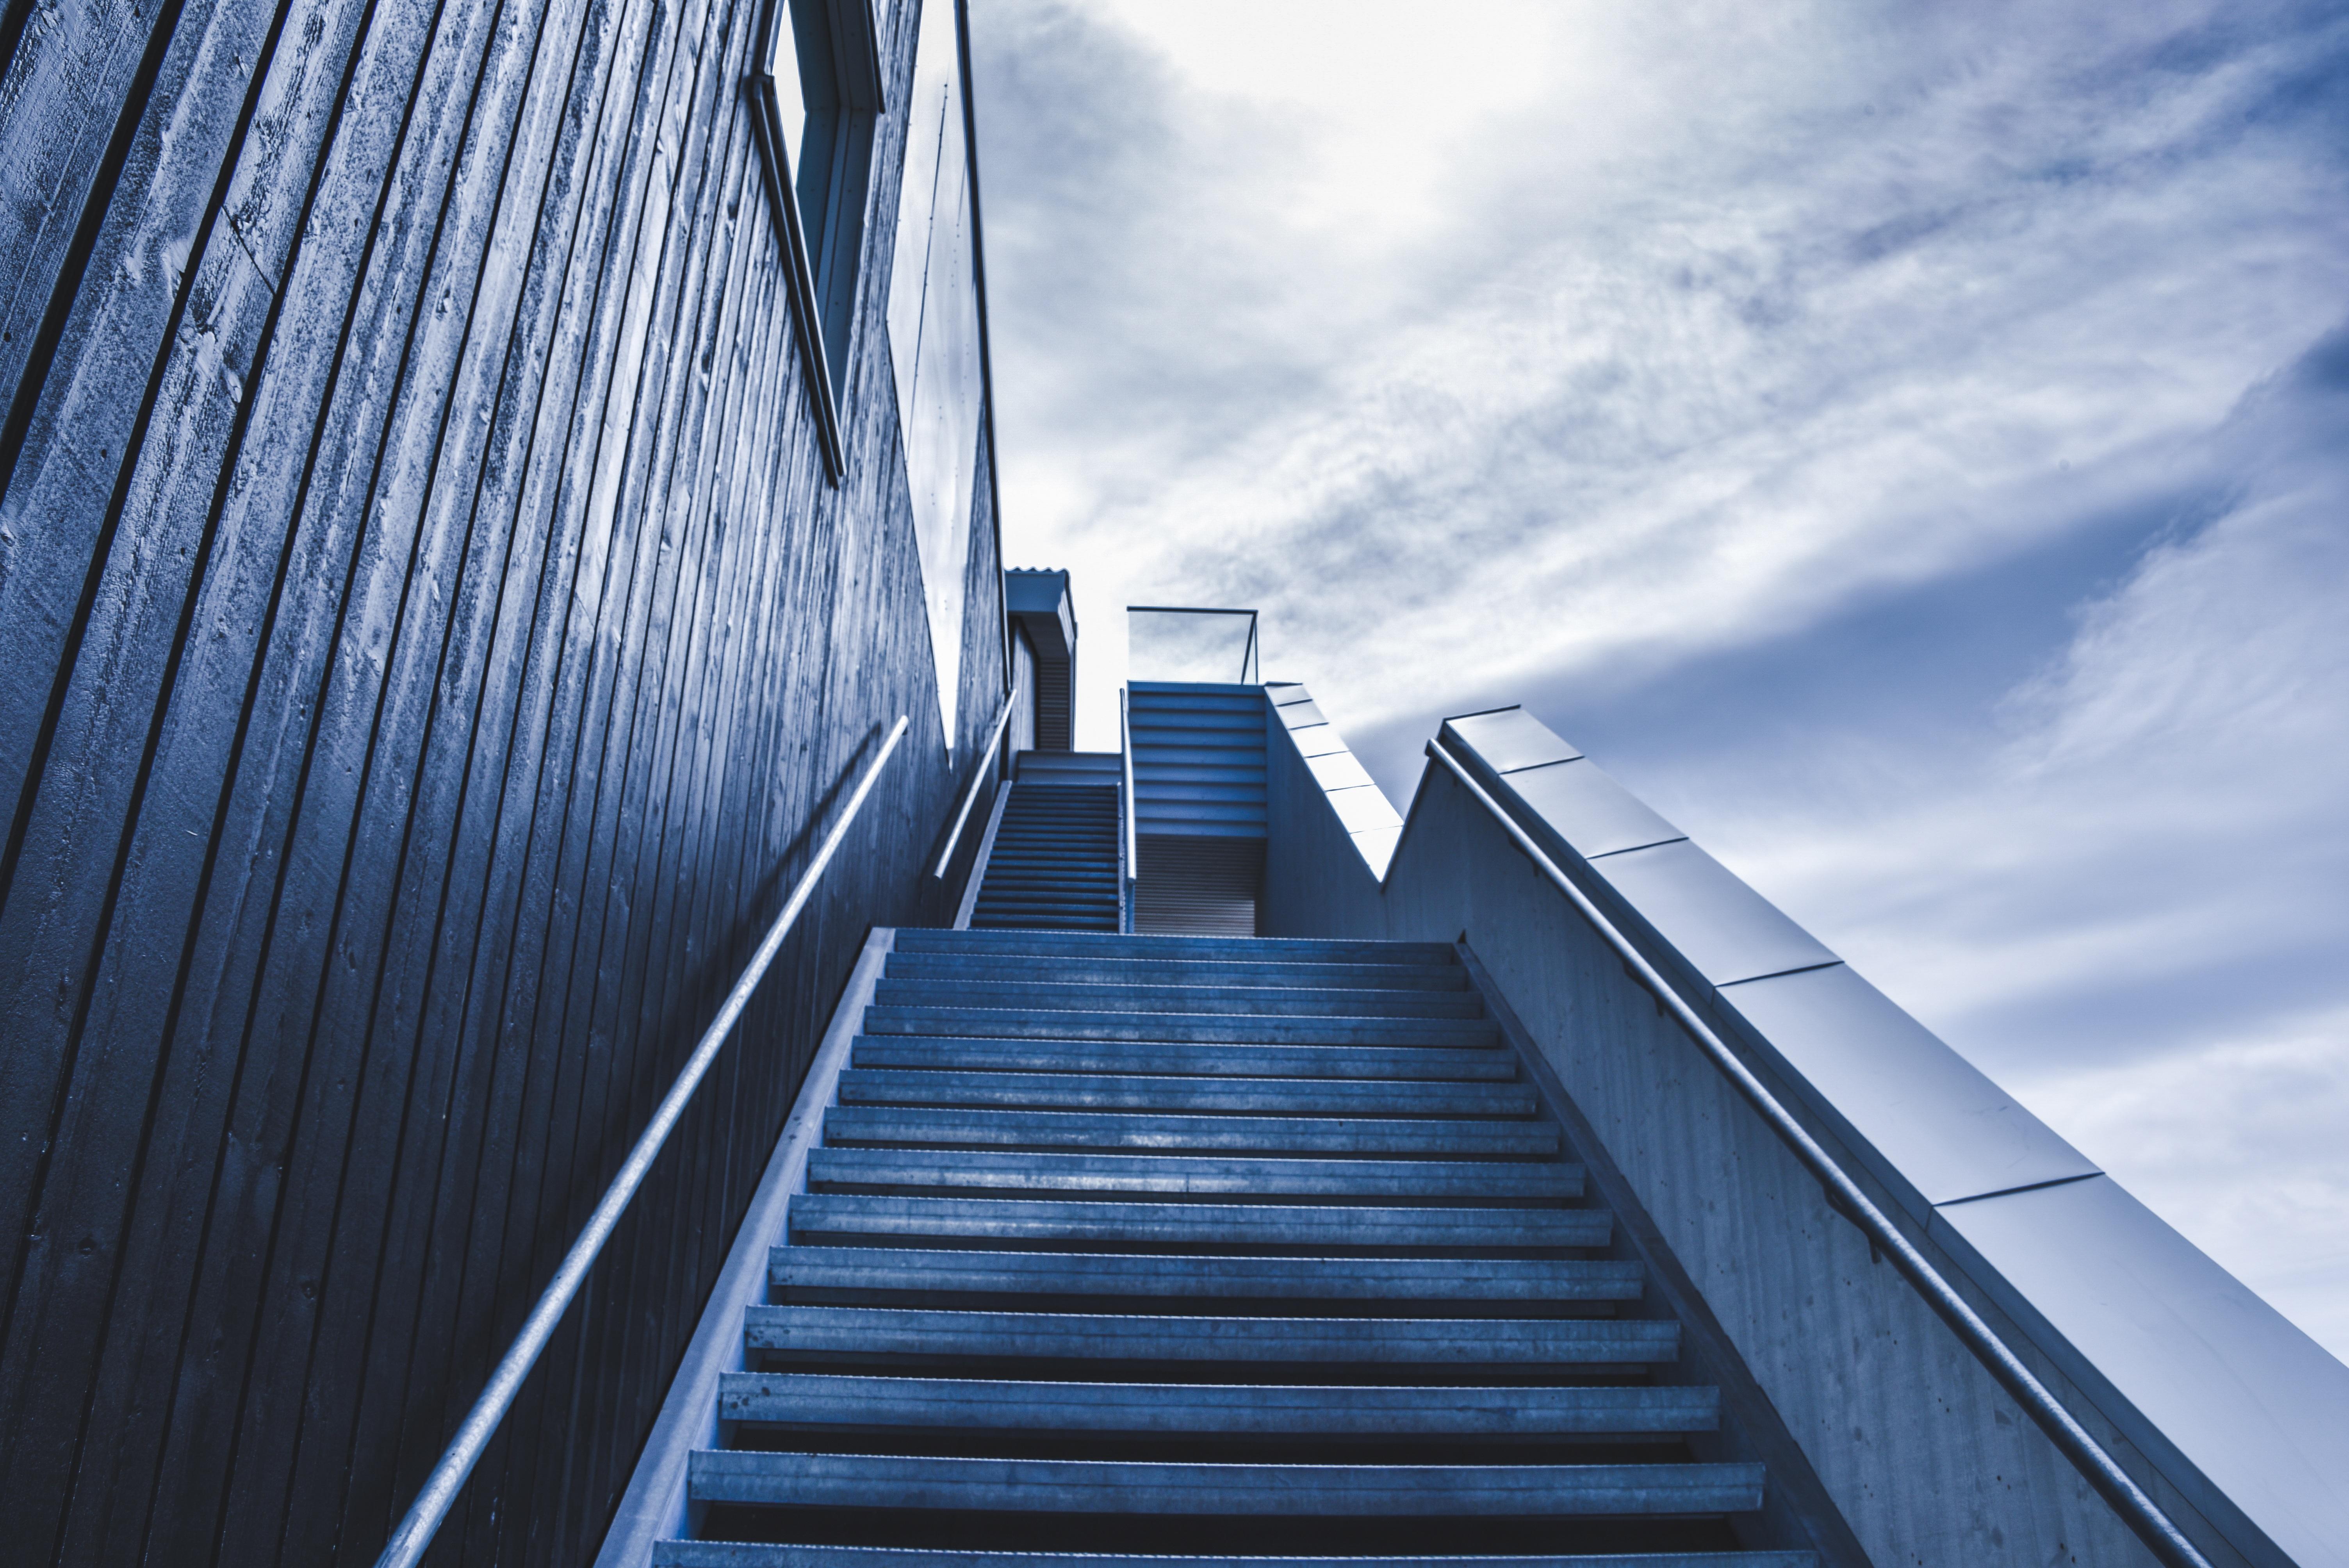 ничто силуэт на лестнице в небо фото моменты, фото